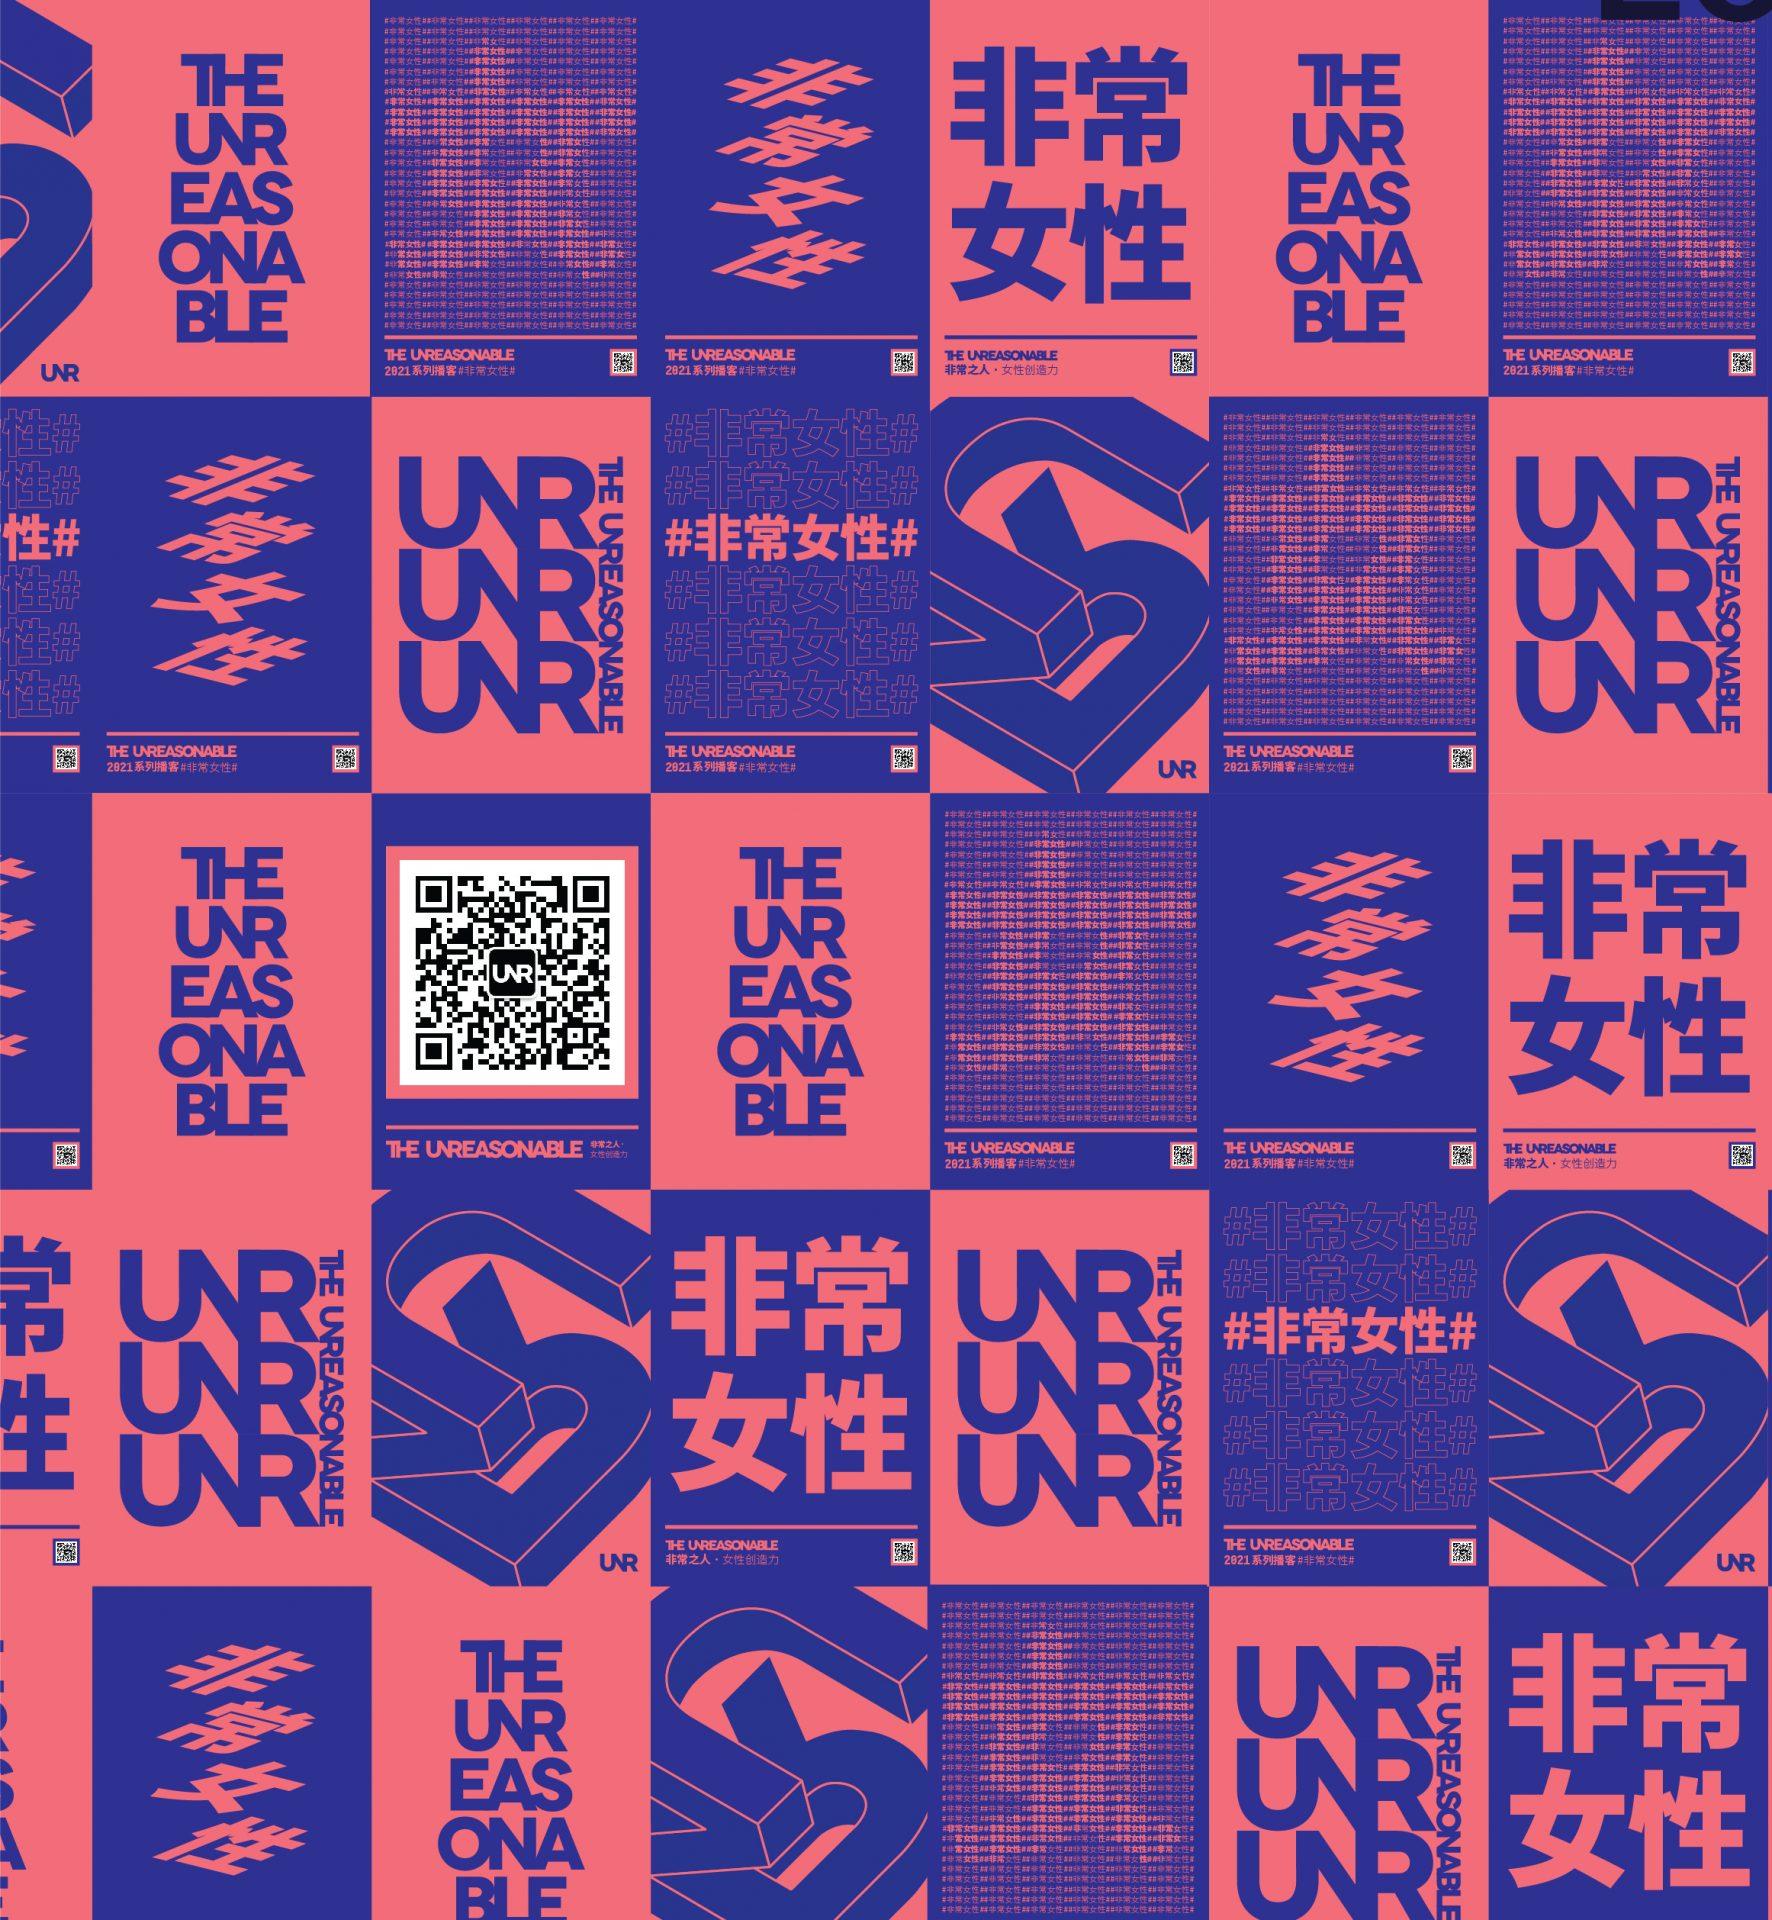 20210304-UNR-Poster-SizeMockup-v3_320x213 copy